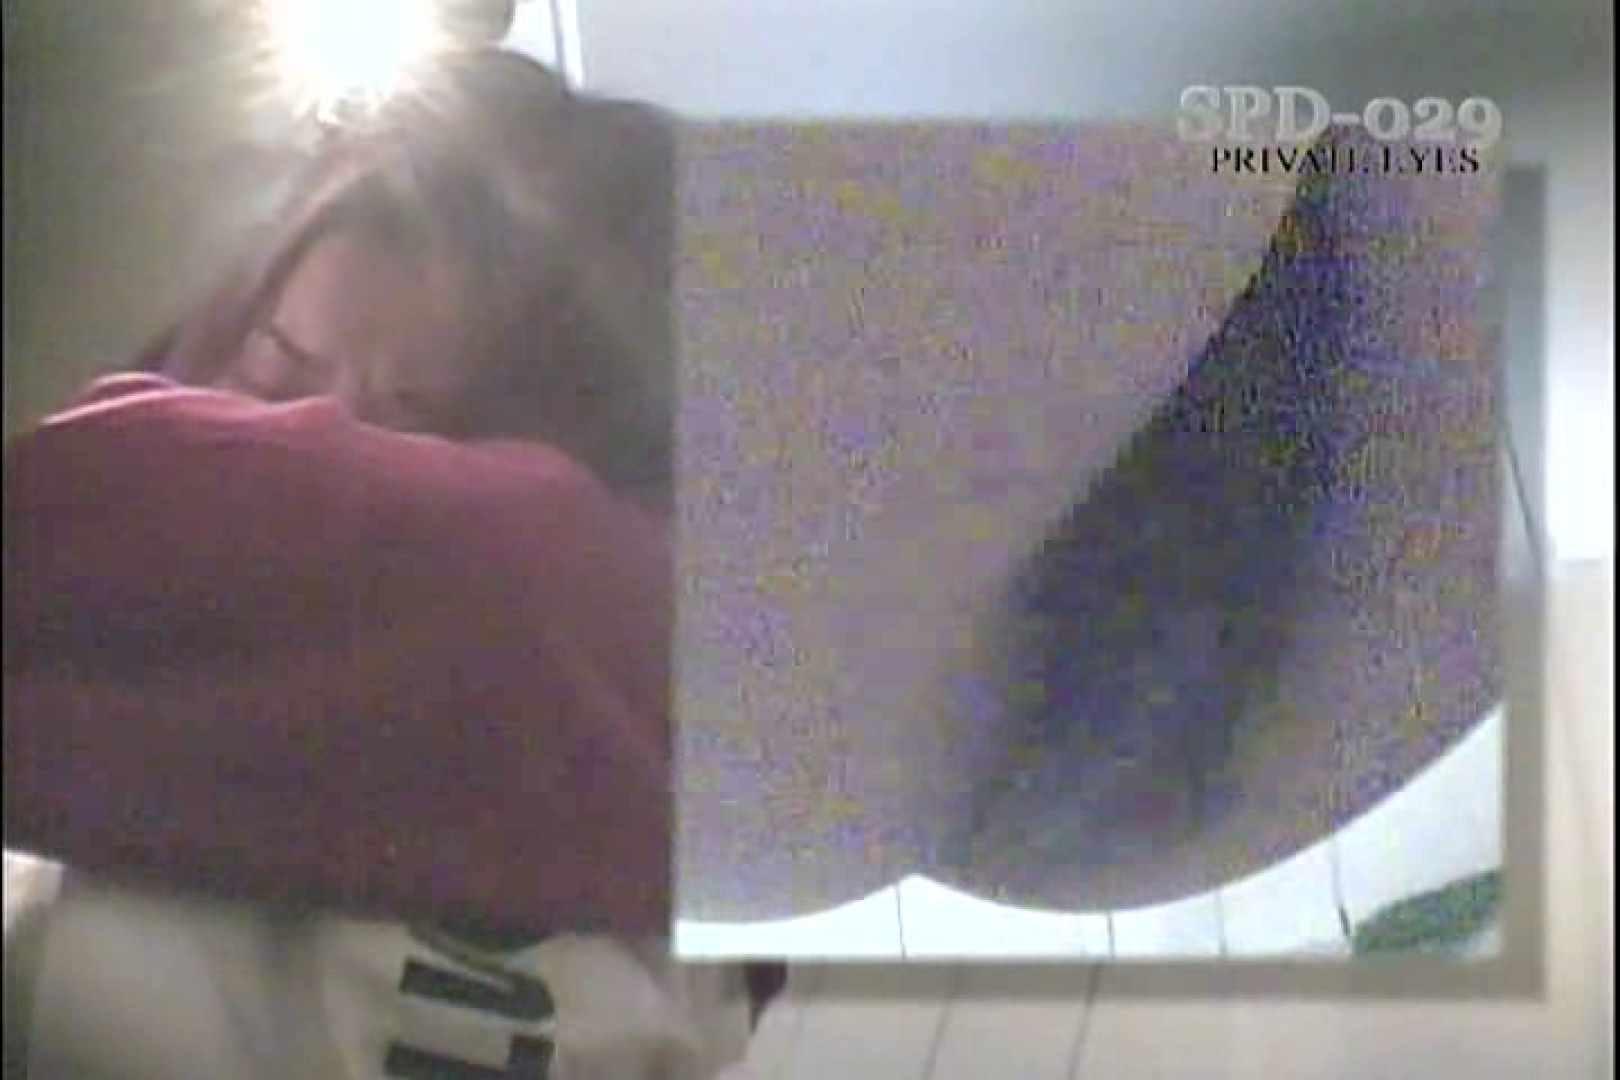 高画質版!SPD-029 和式厠 モリモリスペシャル プライベート 盗み撮りSEX無修正画像 86画像 63